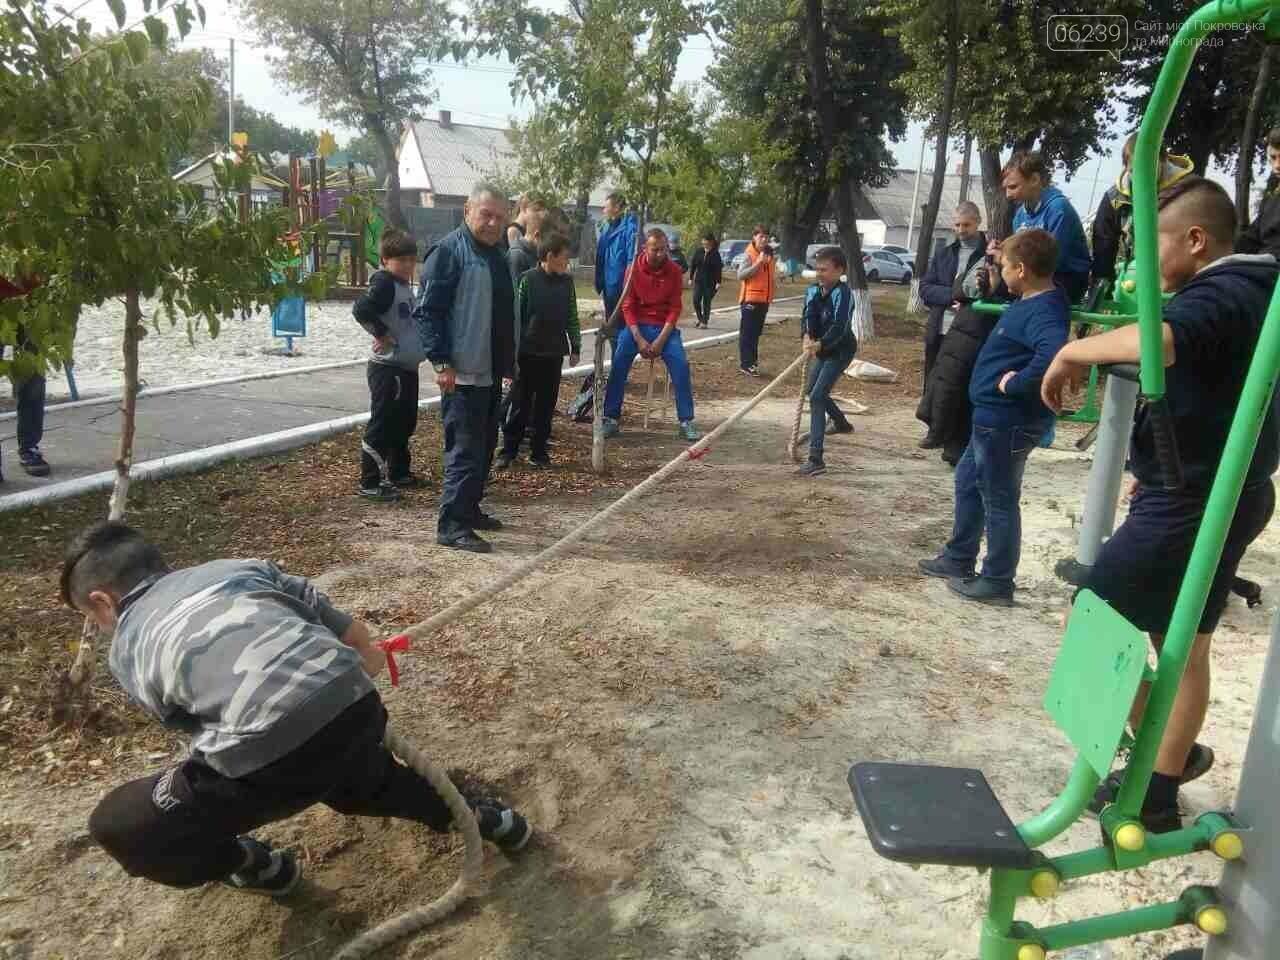 У селищі Шевченко пройшли змагання  з армспорту, гирьового спорту та перетягування канату, фото-6